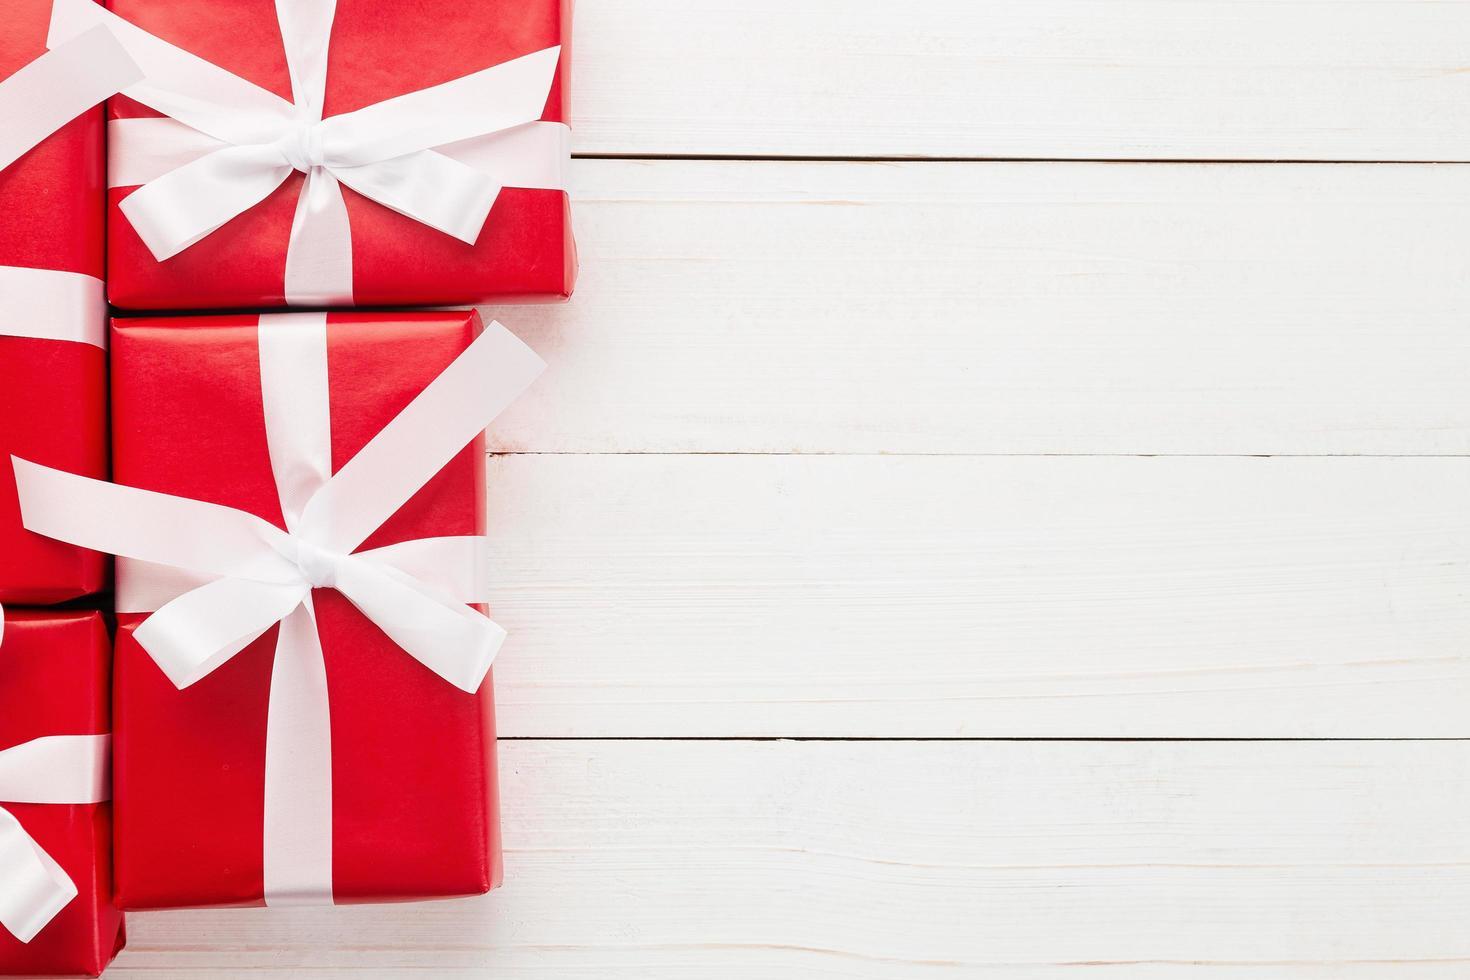 Kerstmis en Nieuwjaar met rode geschenkdozen decoratie op witte houten tafel achtergrond bovenaanzicht met kopie ruimte foto